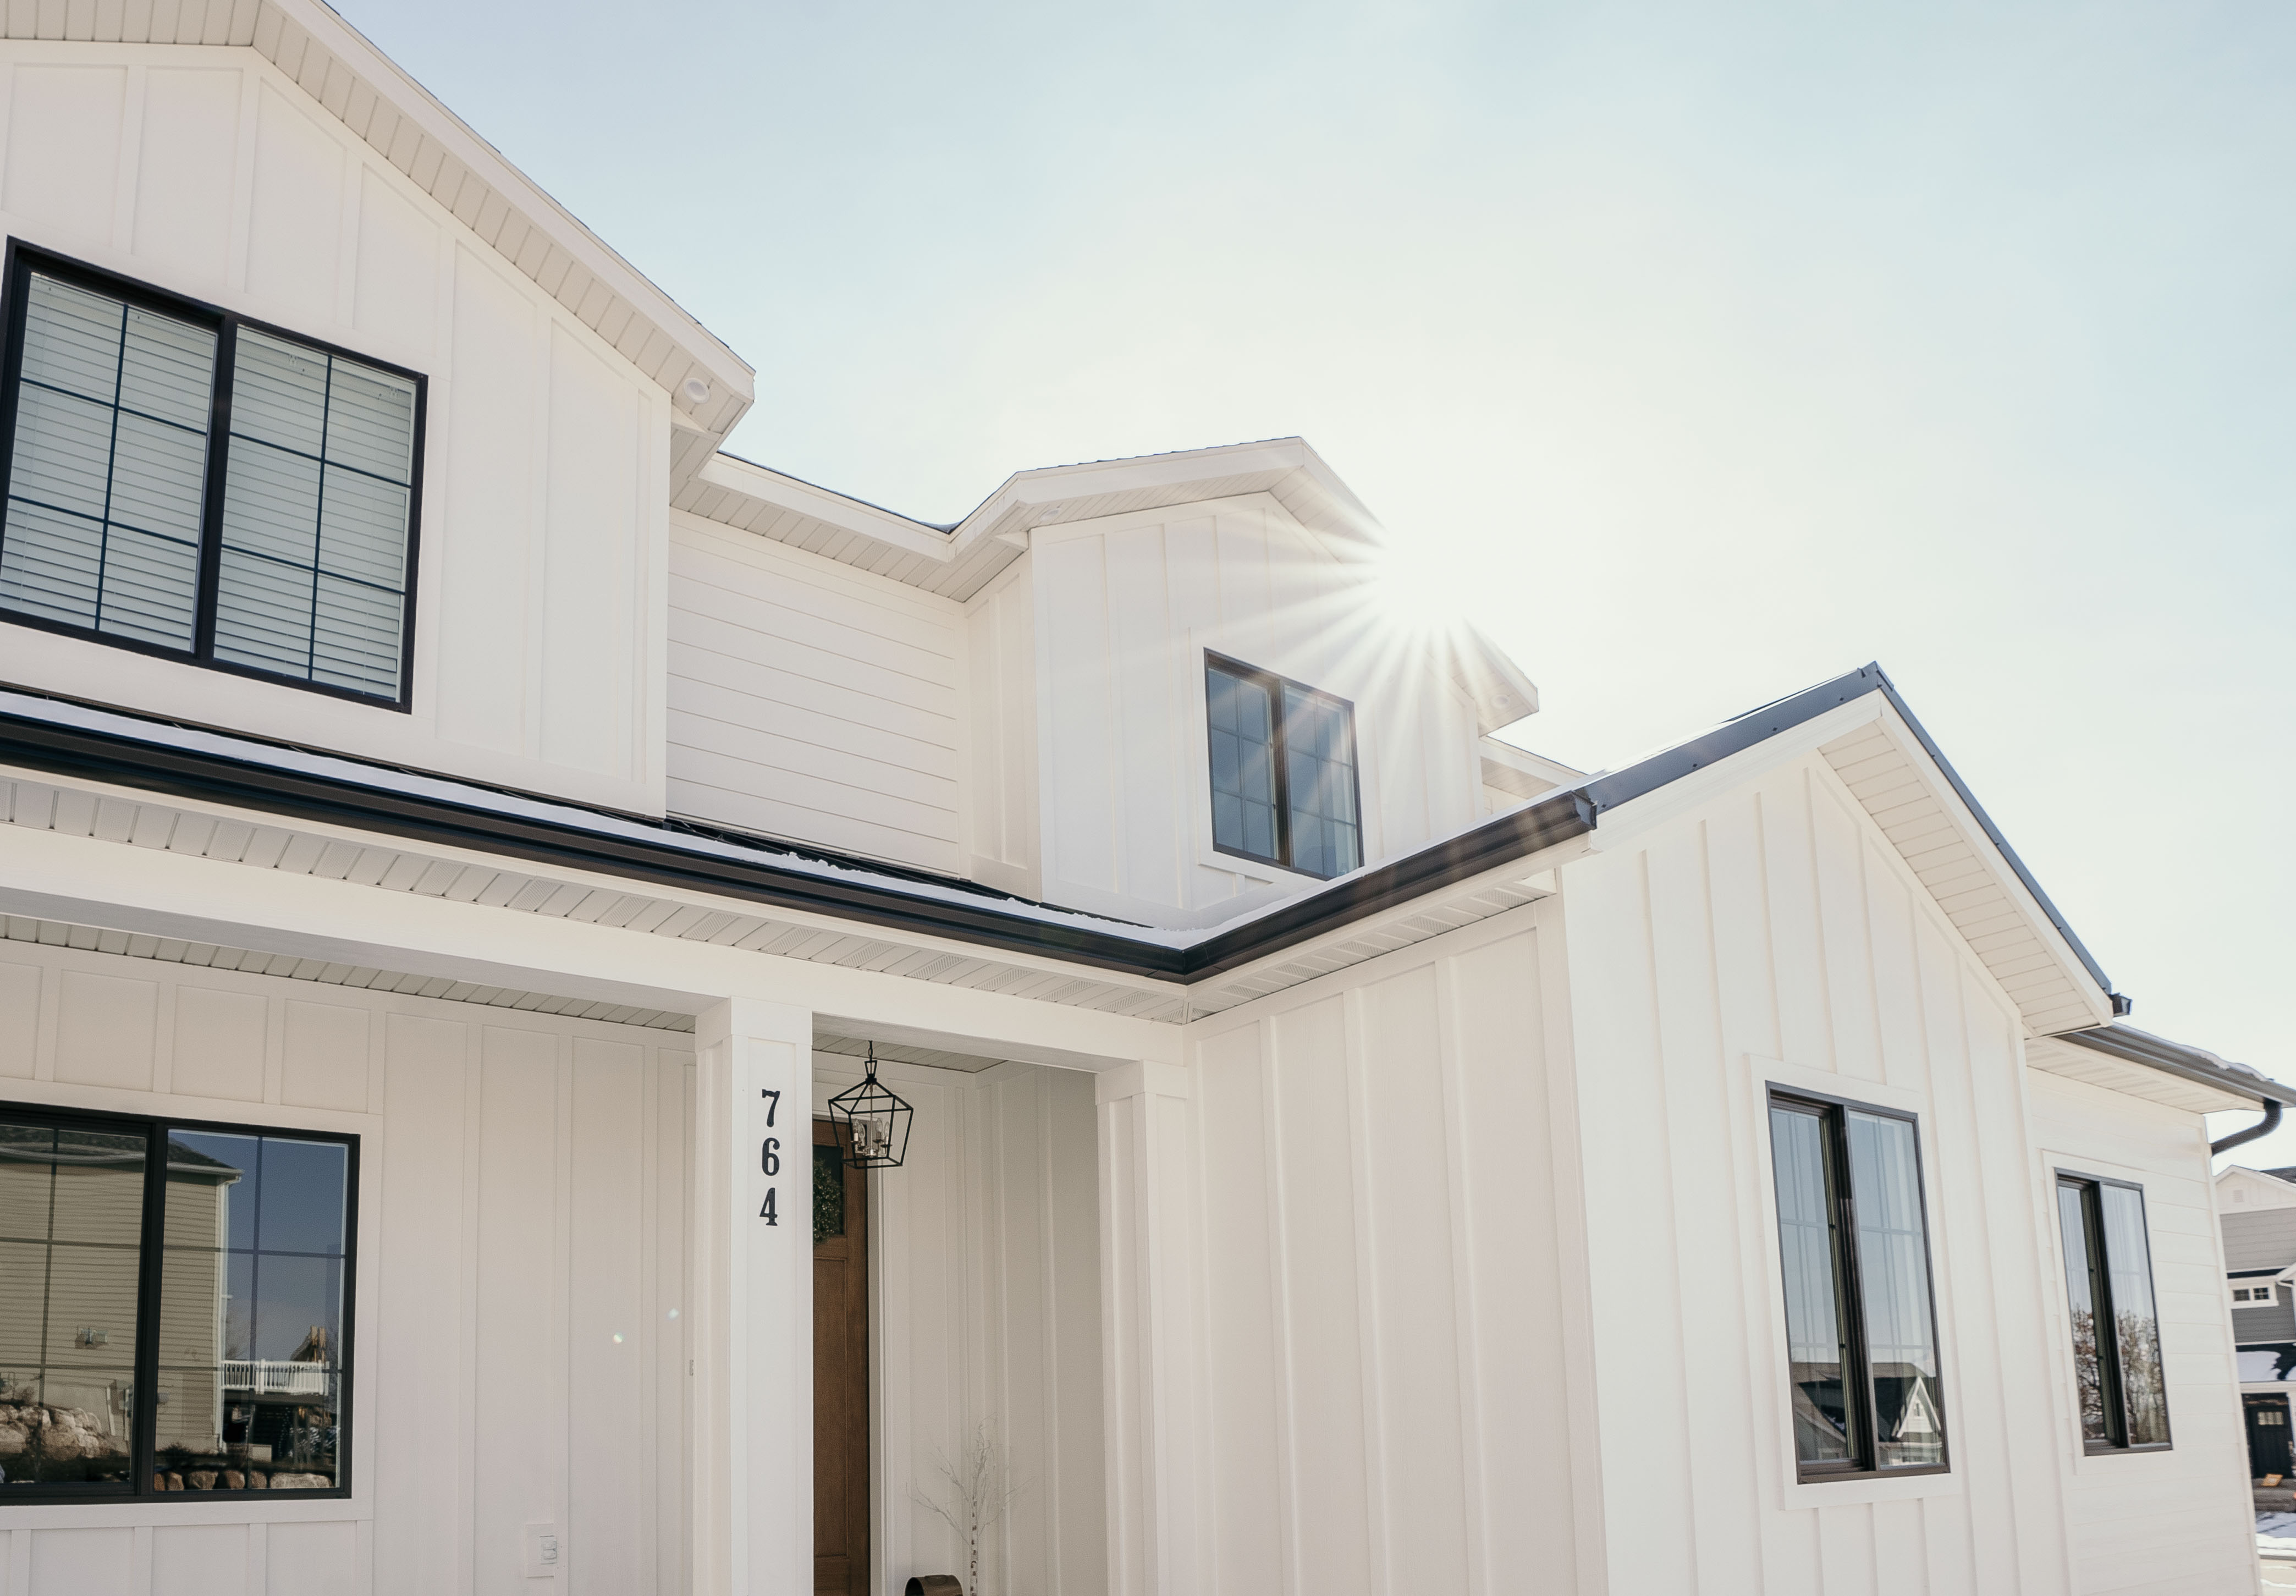 Beautiful Colonial home built in Utah Valley by Utah home builder Forum Builders.